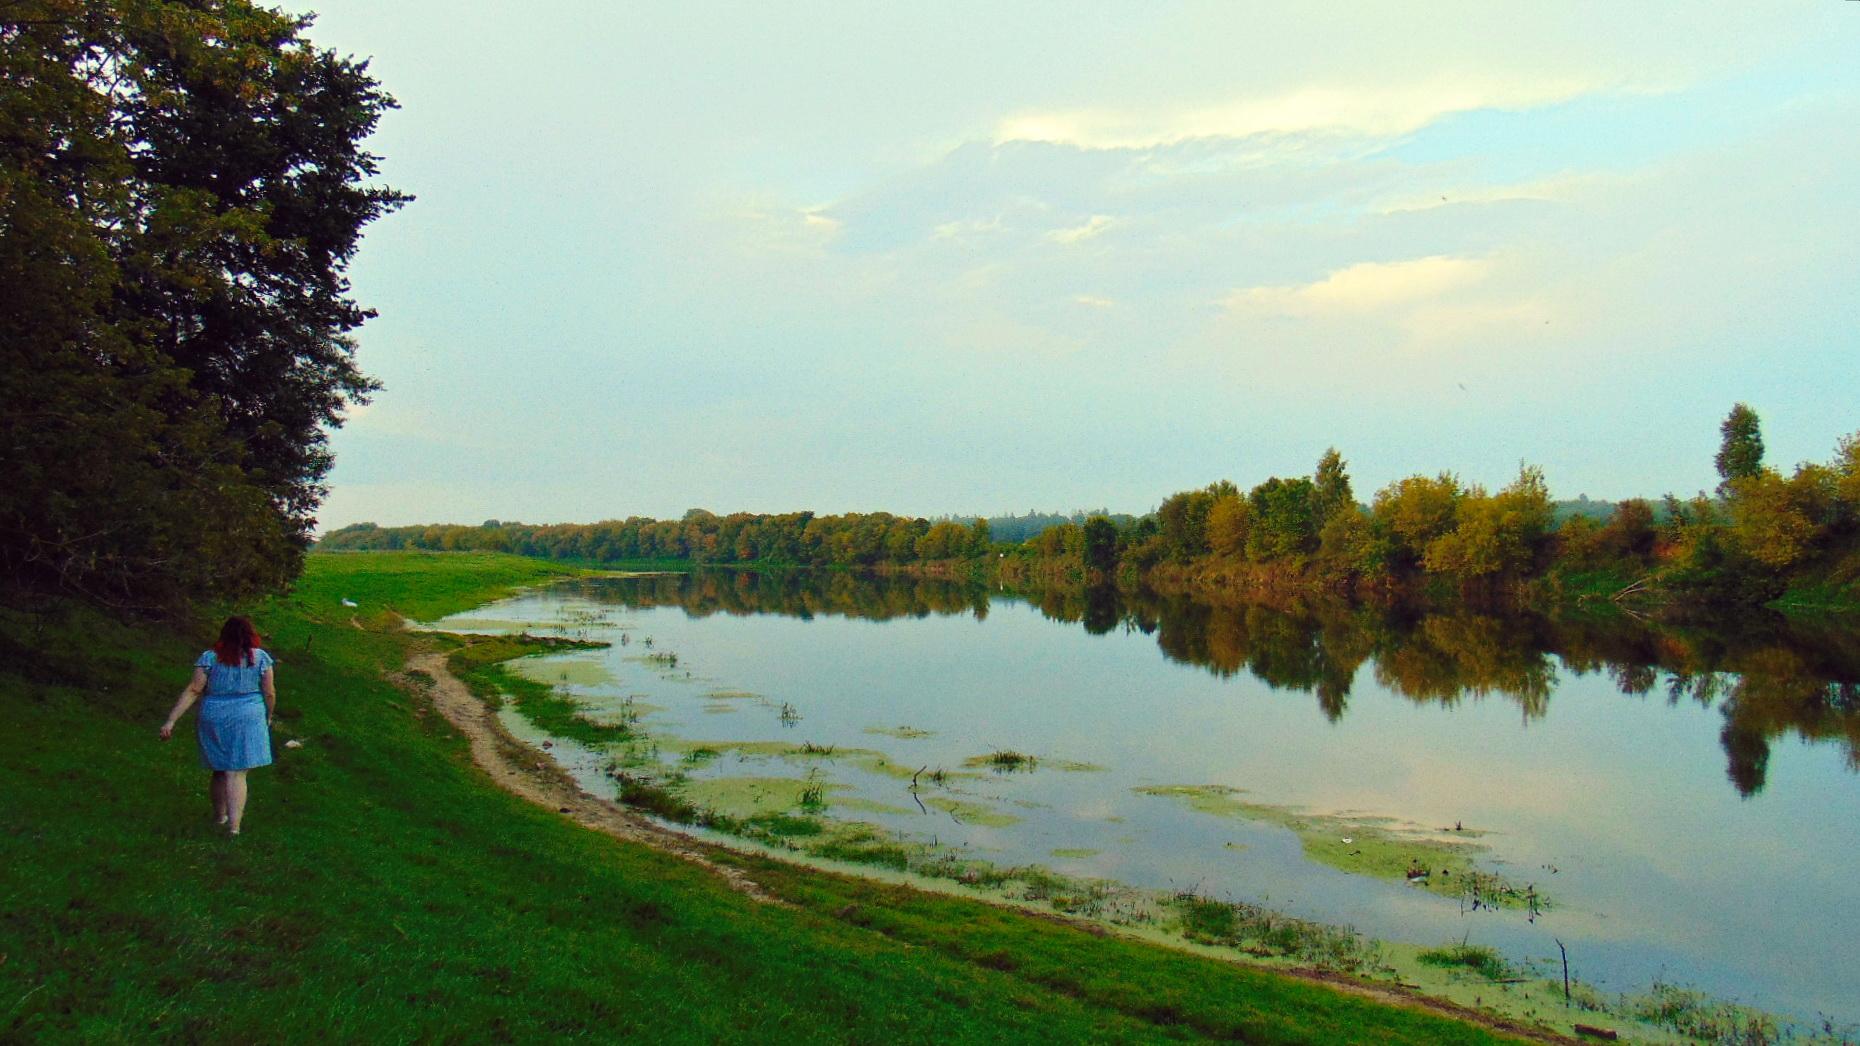 Summer landscape Image